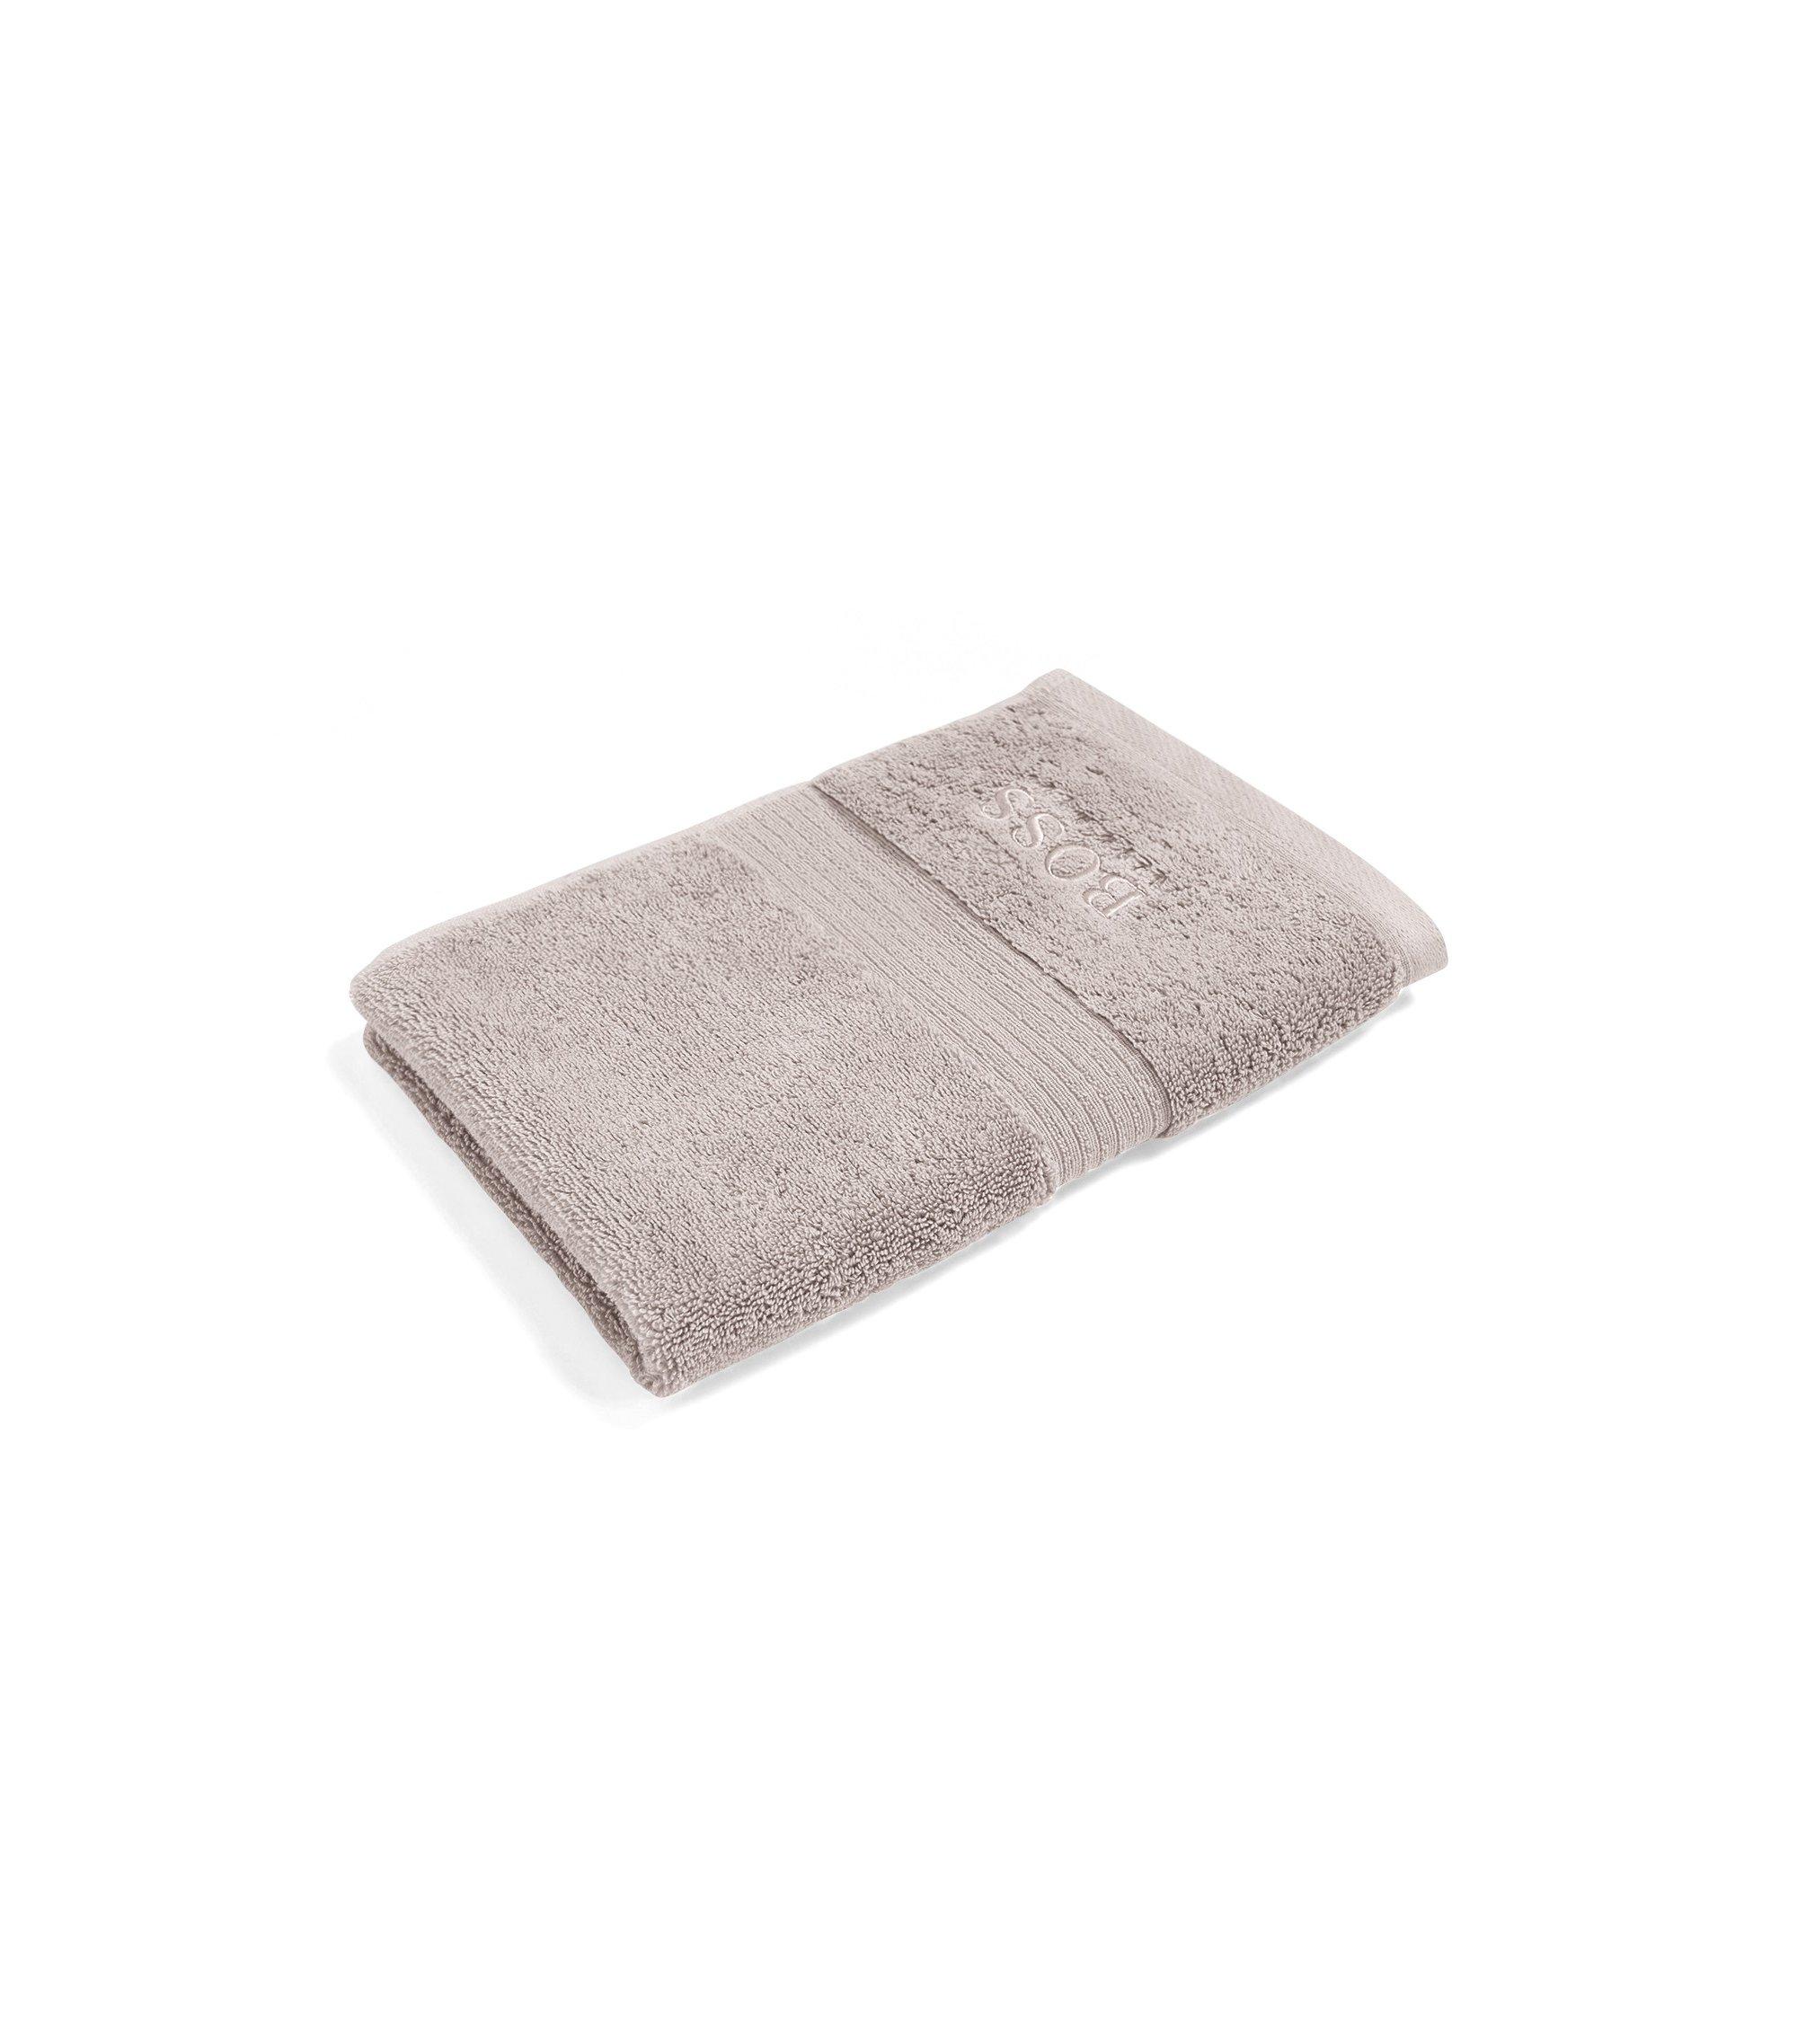 Serviette de toilette pour invité en coton égyptien peigné avec bordure côtelée, Beige clair